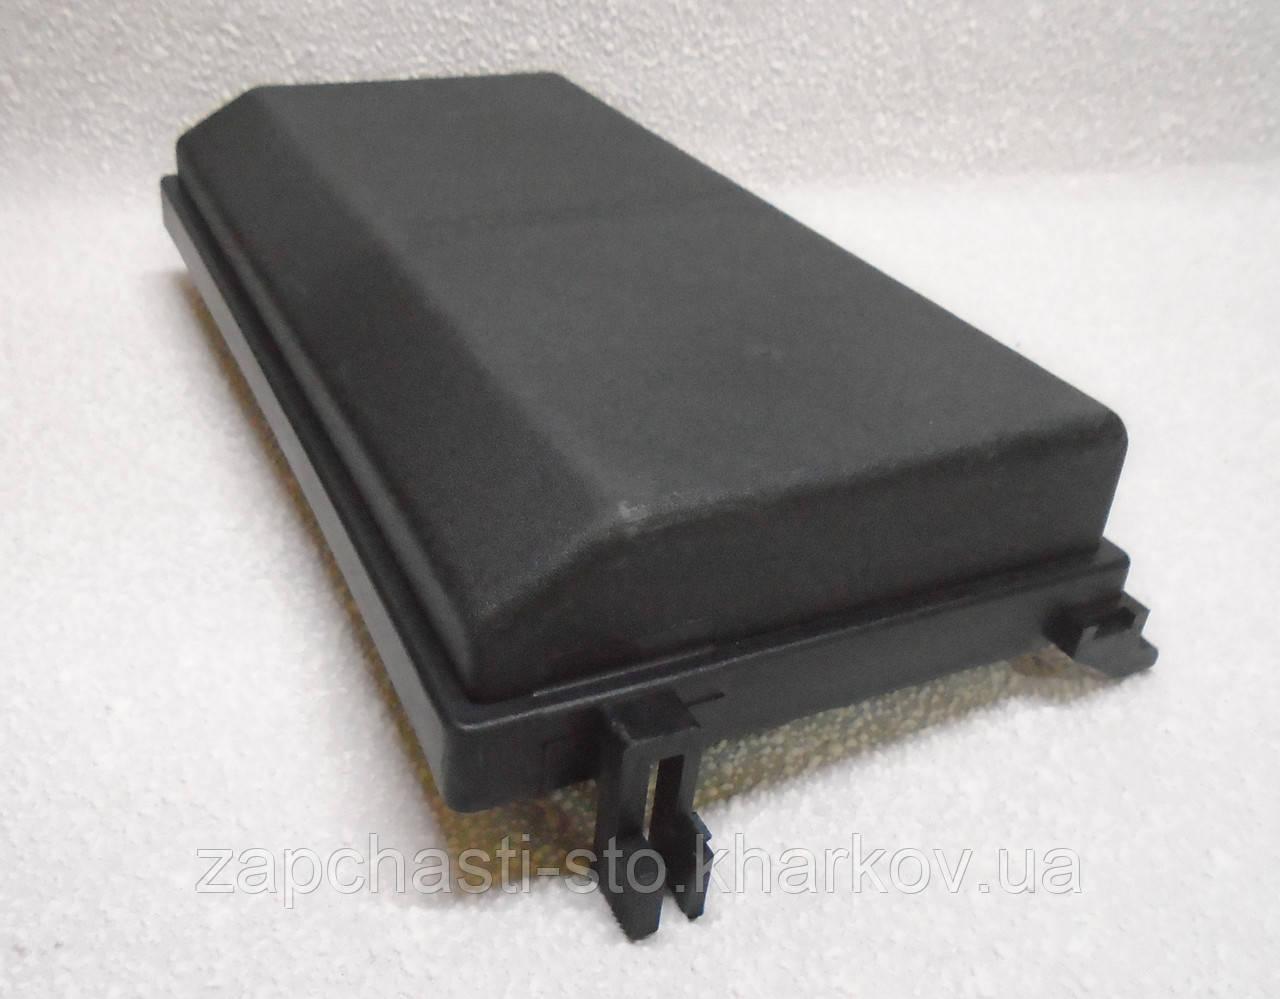 Кришка блоку запобіжників ВАЗ 2108-21099 старого зразка